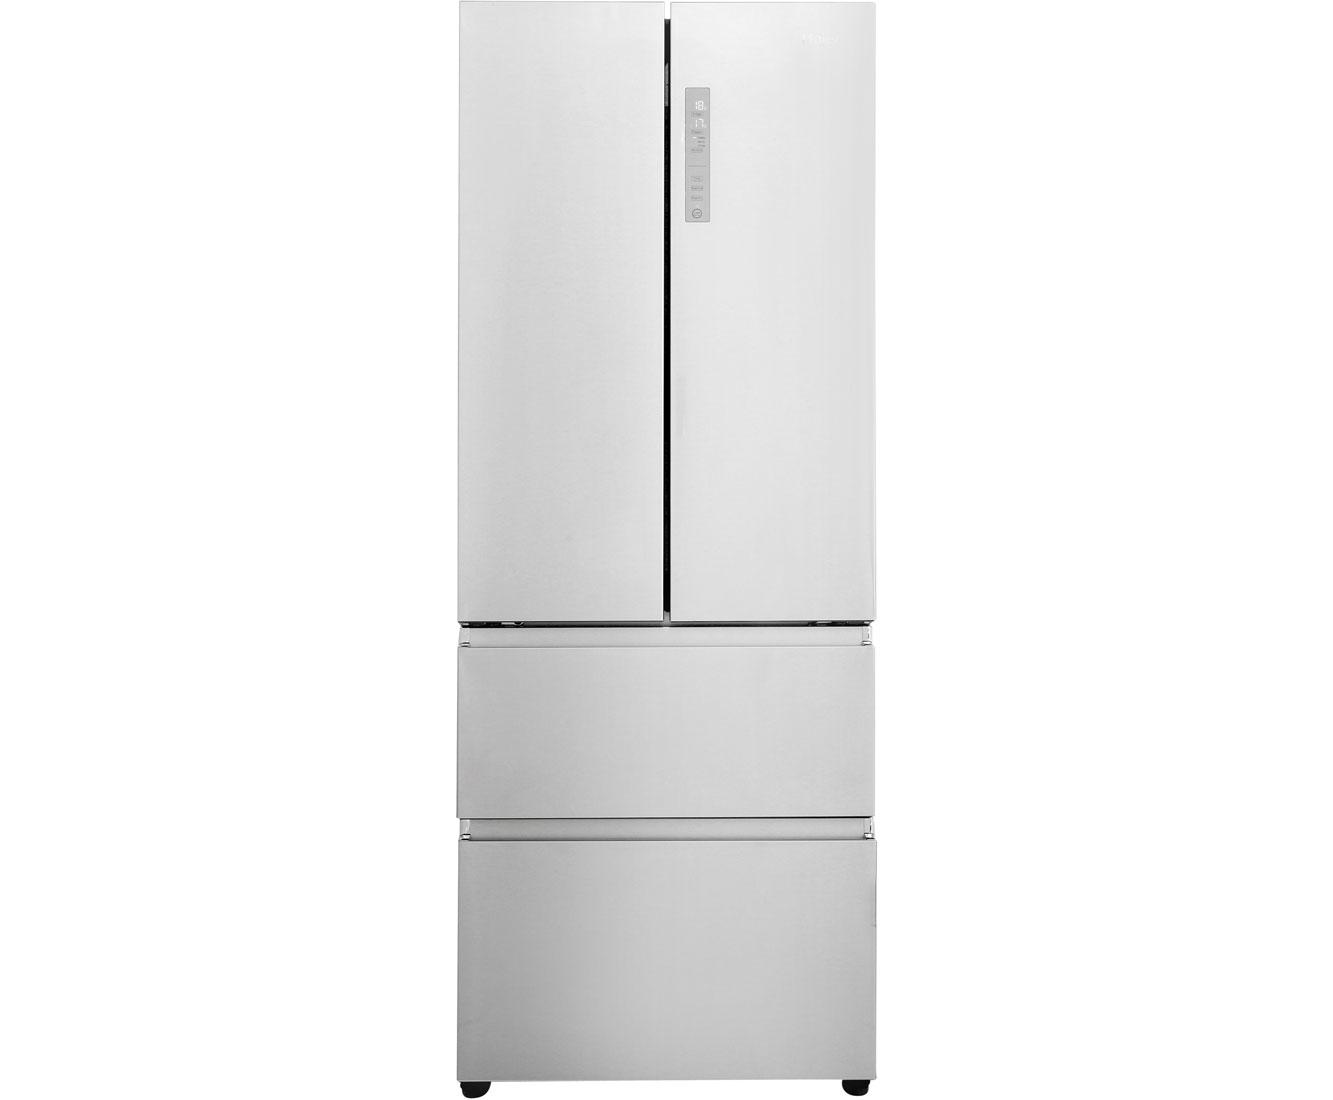 Aeg Santo Kühlschrank Mit Gefrierfach : Edelstahl kühlschrank preisvergleich u die besten angebote online